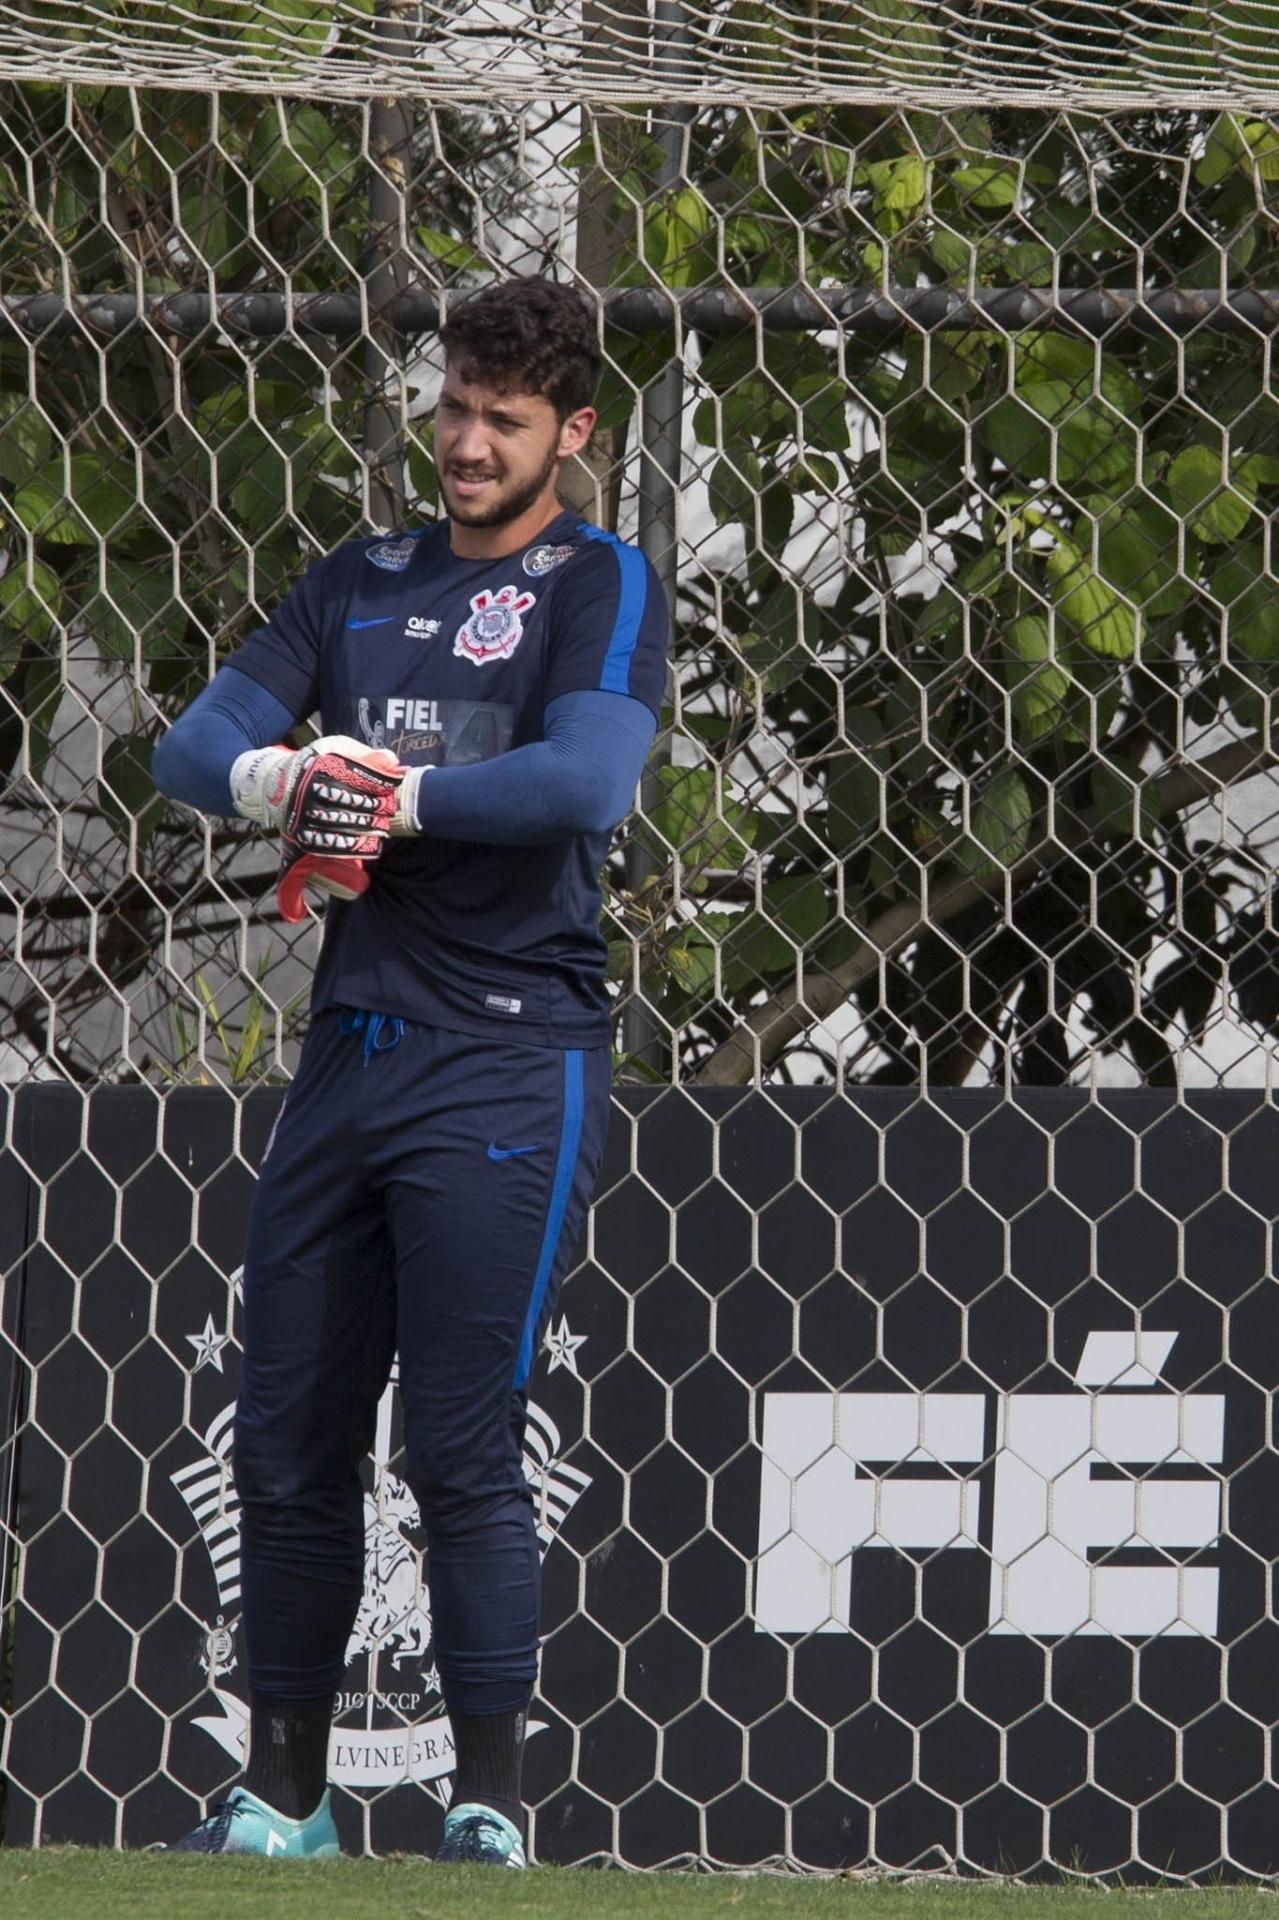 Goleiro volta a treinar no Corinthians após rejeitar reserva no Oeste -  15 01 2019 - UOL Esporte 1939983ea111c